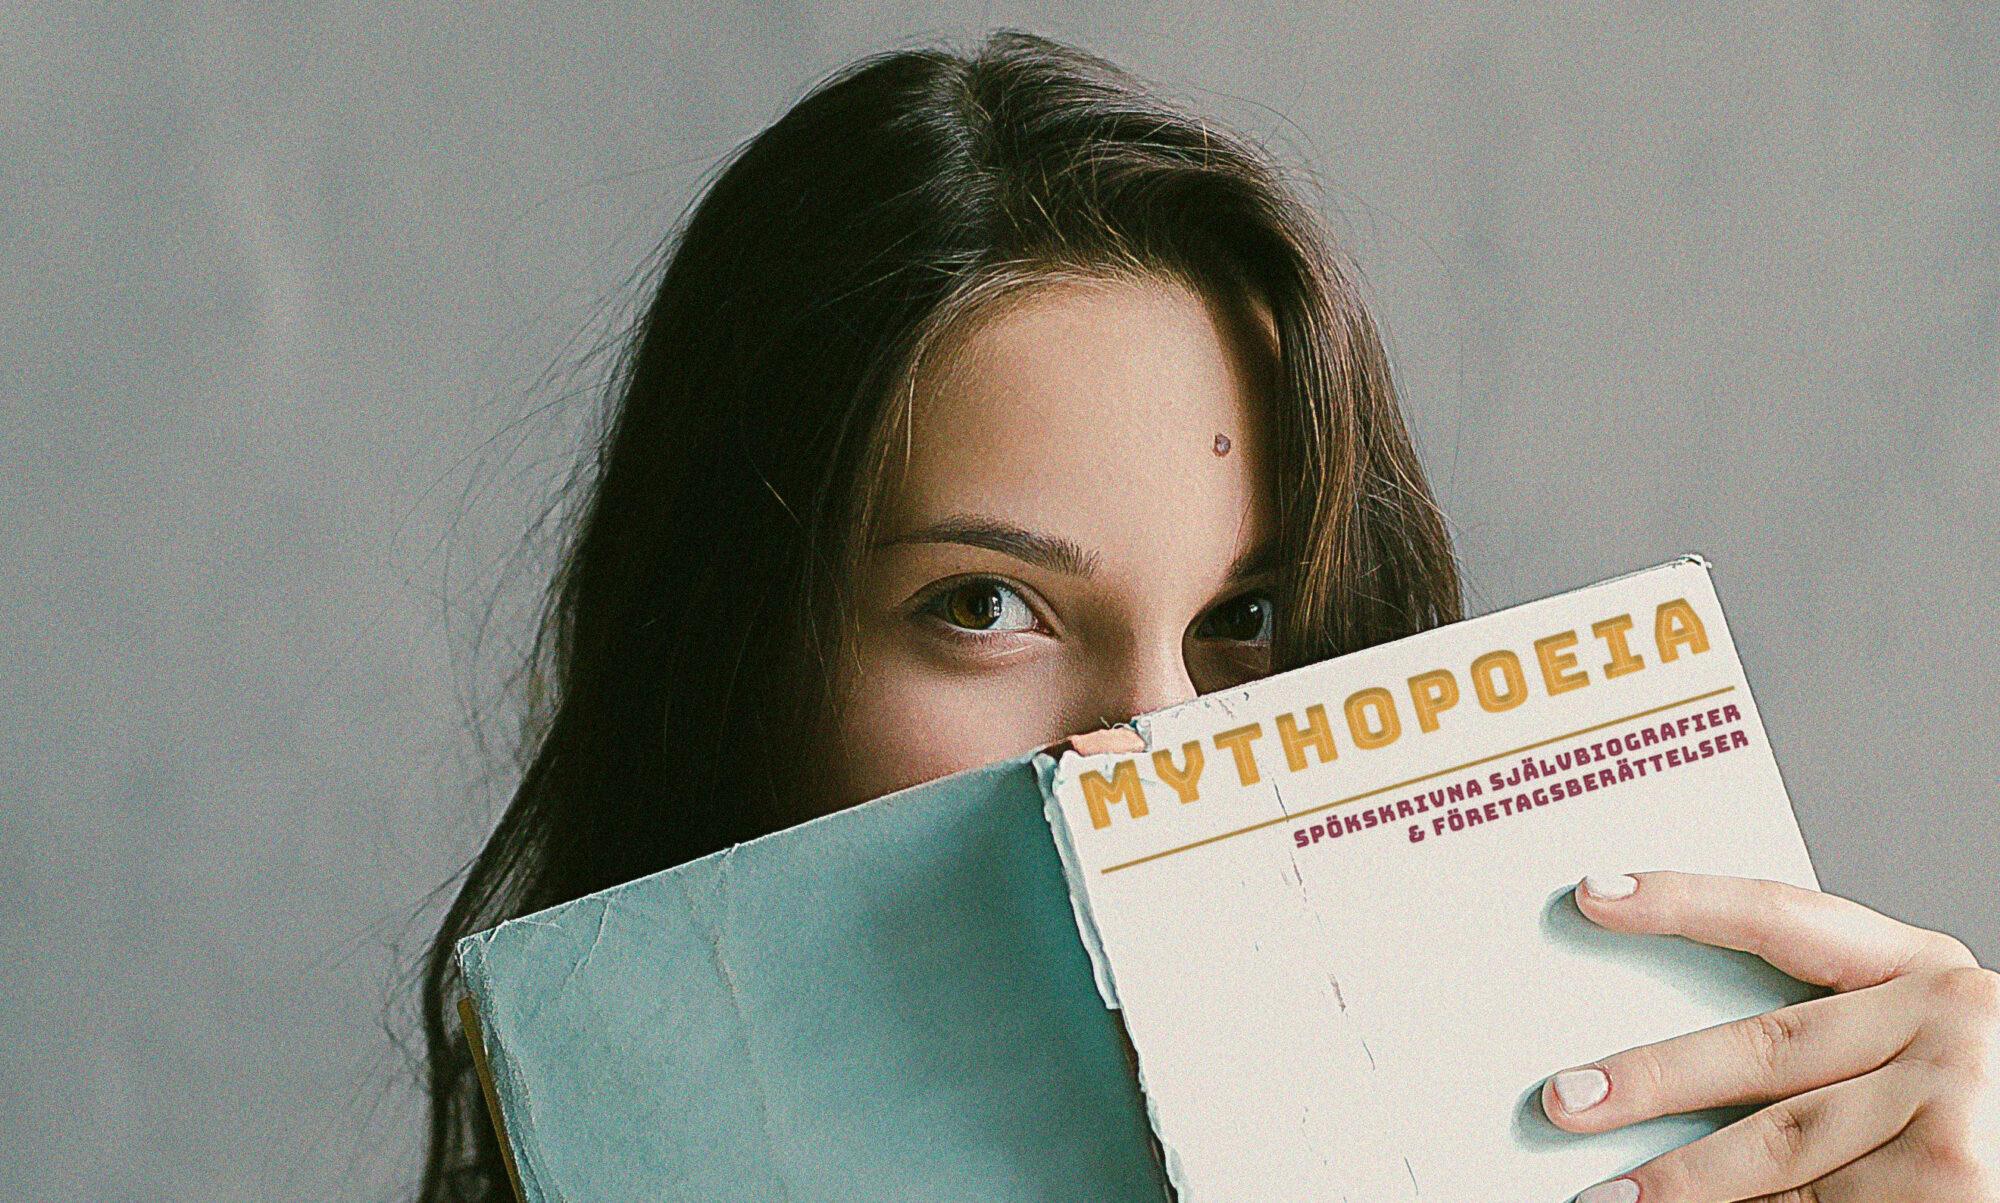 Mythopoeia